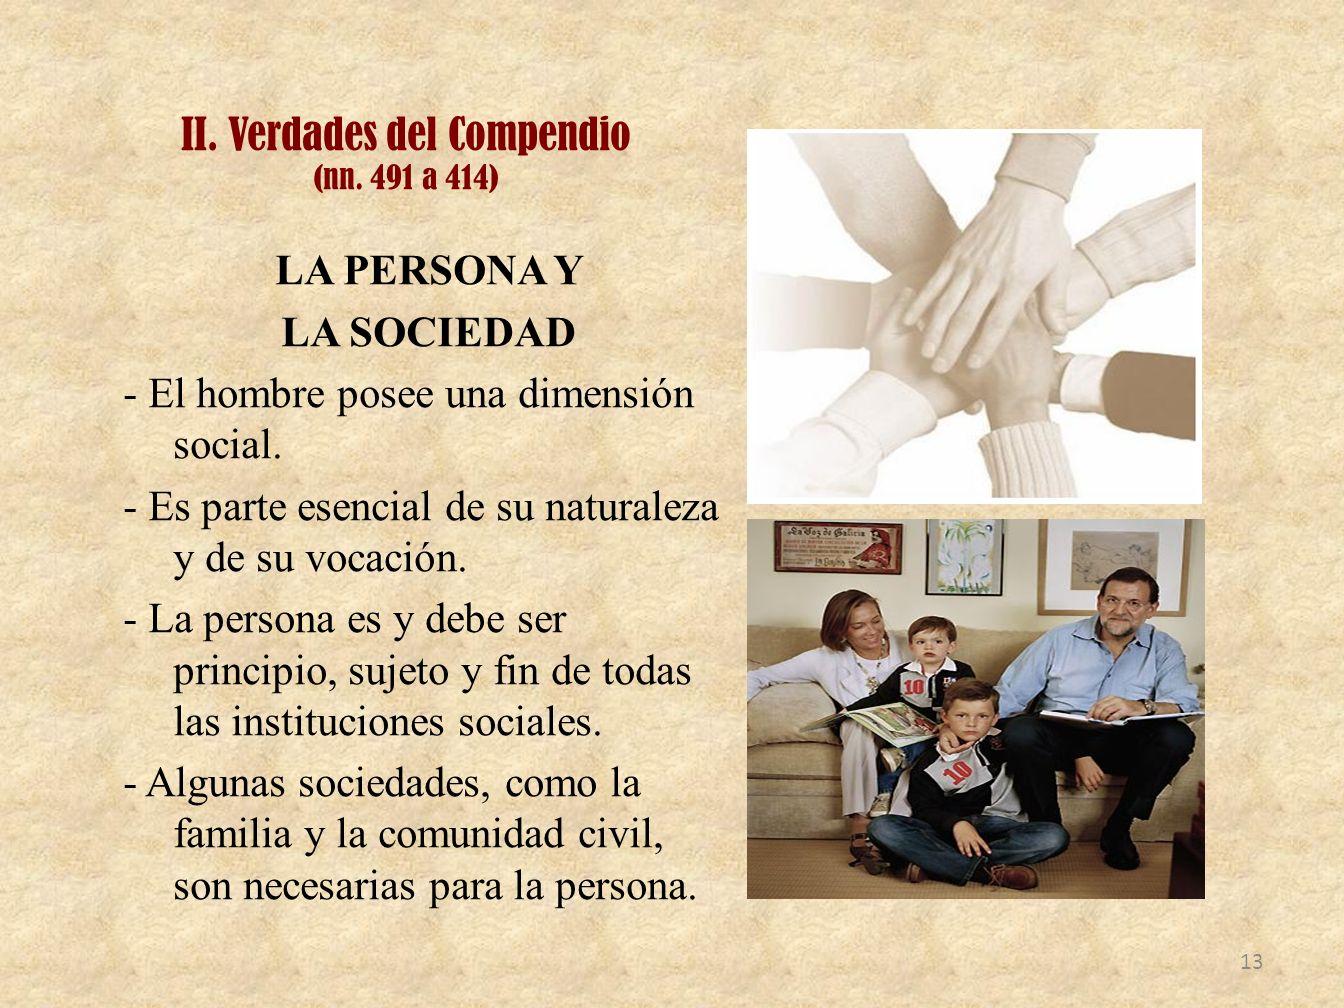 II. Verdades del Compendio (nn. 491 a 414) LA PERSONA Y LA SOCIEDAD - El hombre posee una dimensión social. - Es parte esencial de su naturaleza y de